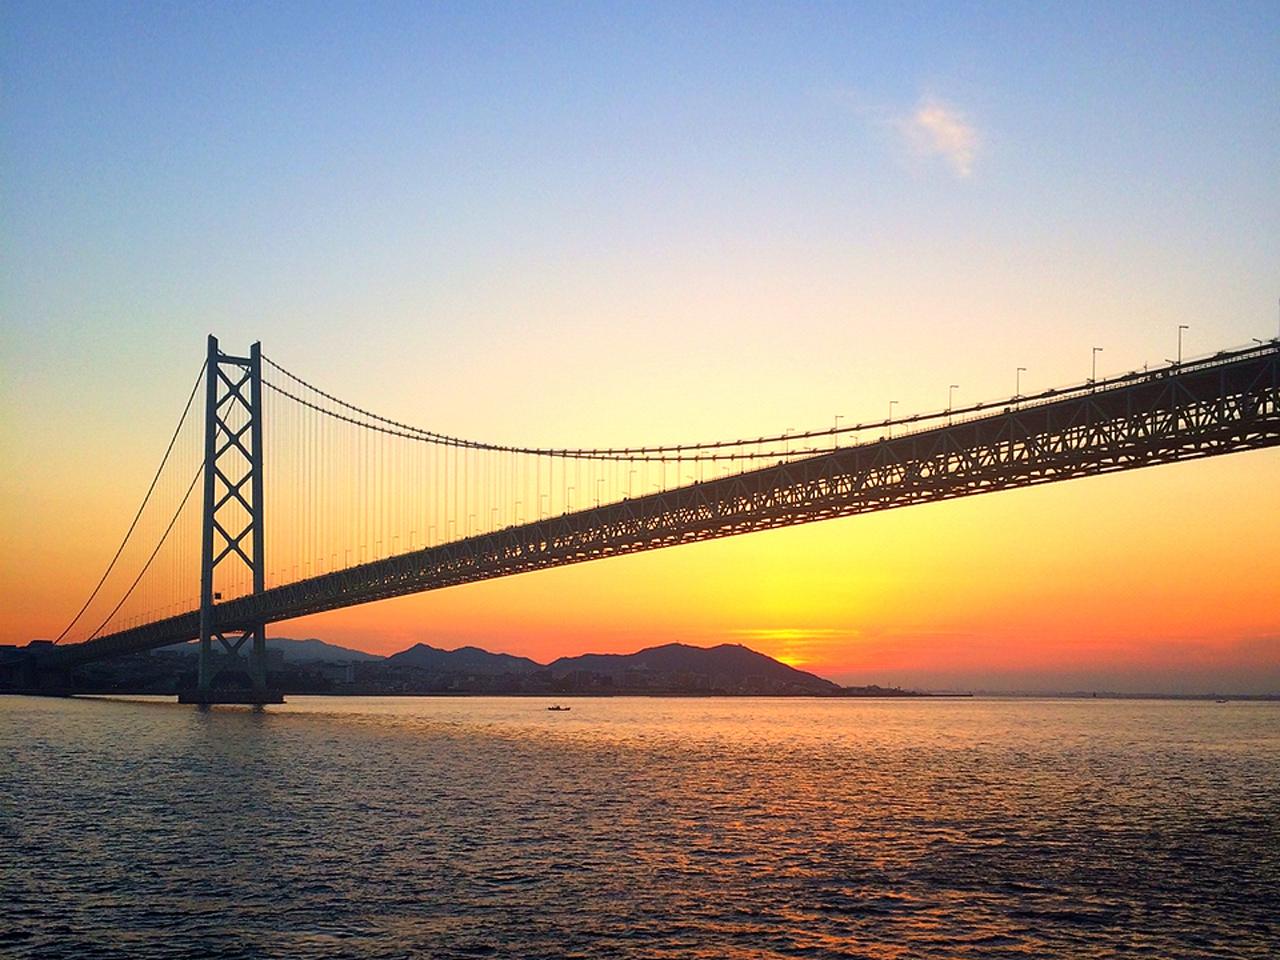 Akashi Kaikyo Bridge จุดชมพระอาทิตย์ขึ้น ใน ญี่ปุ่น